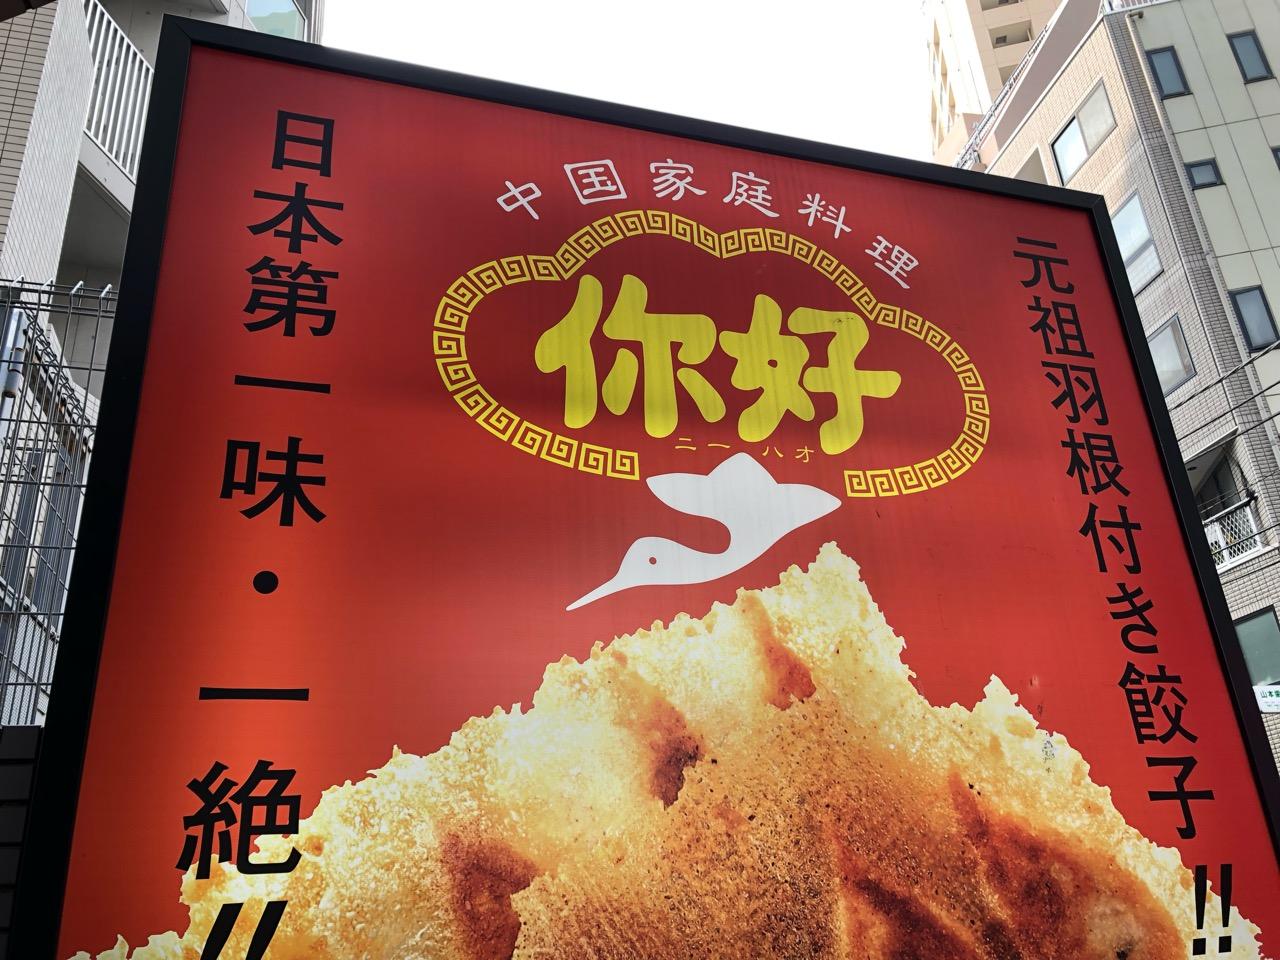 蒲田餃子の有名店「你好」で焼きギョーザを堪能